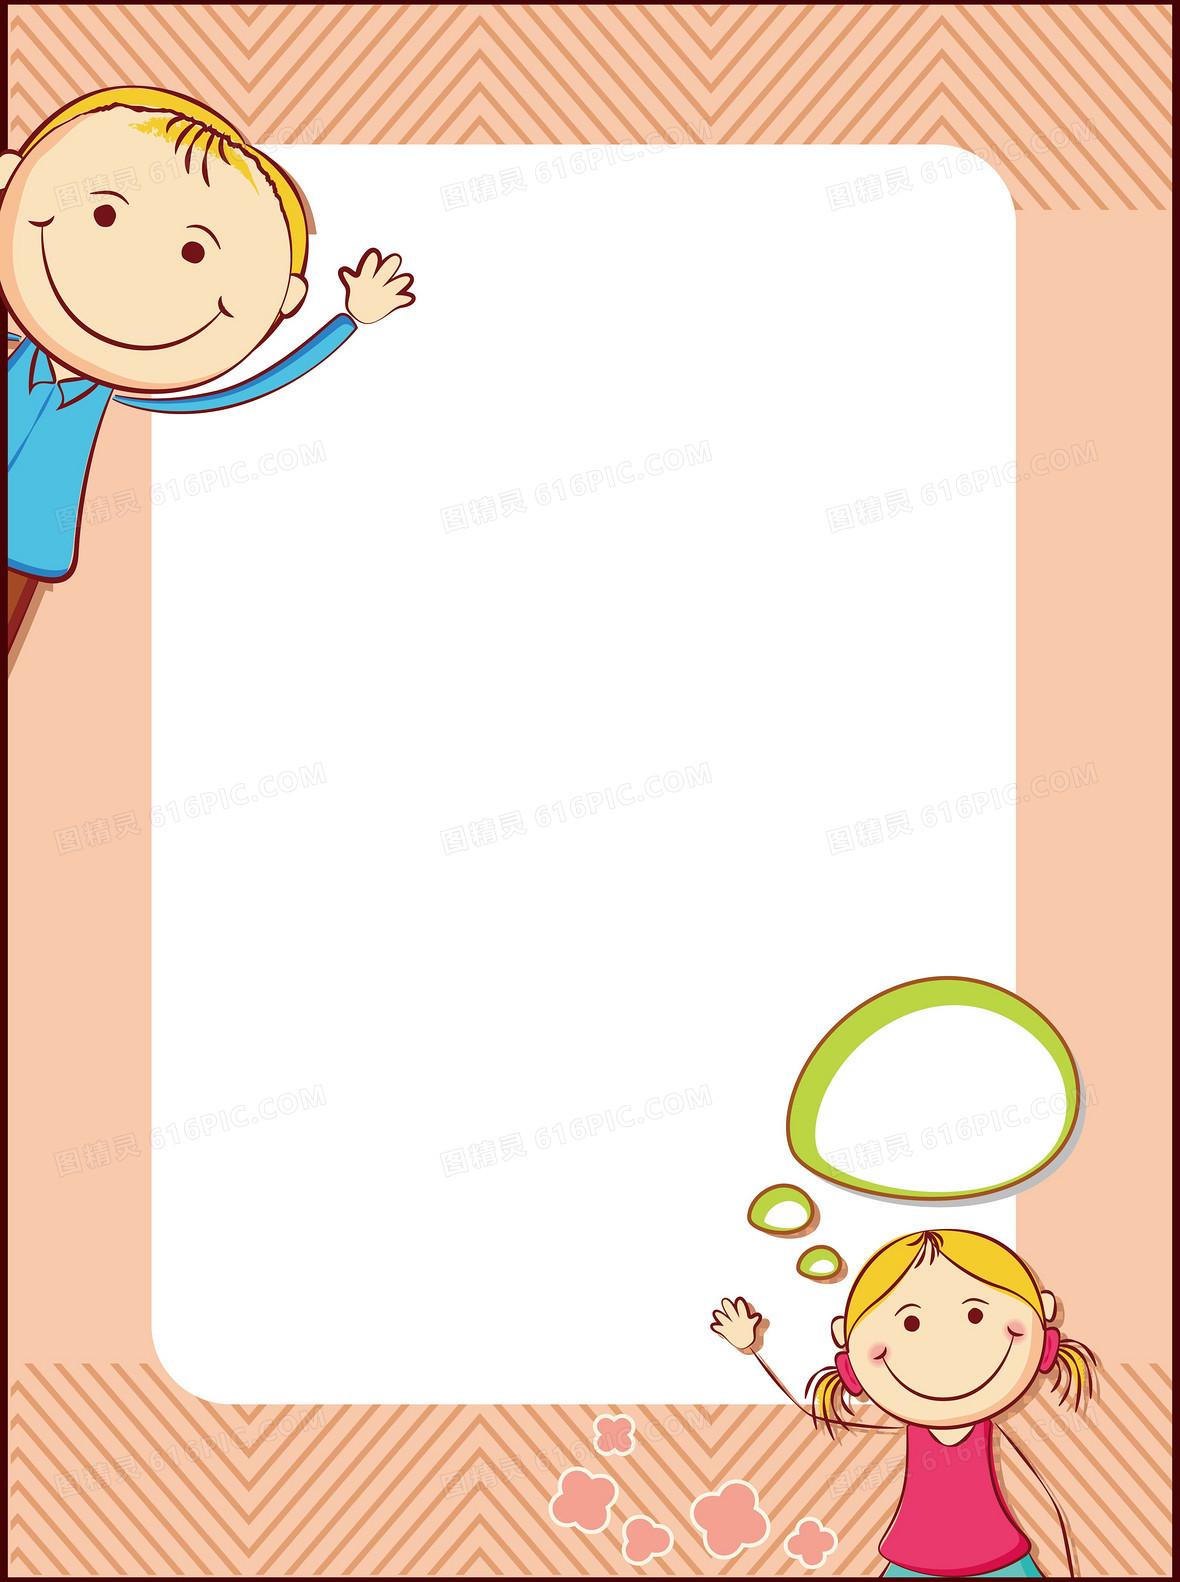 矢量卡通男生女生教育手绘背景素材